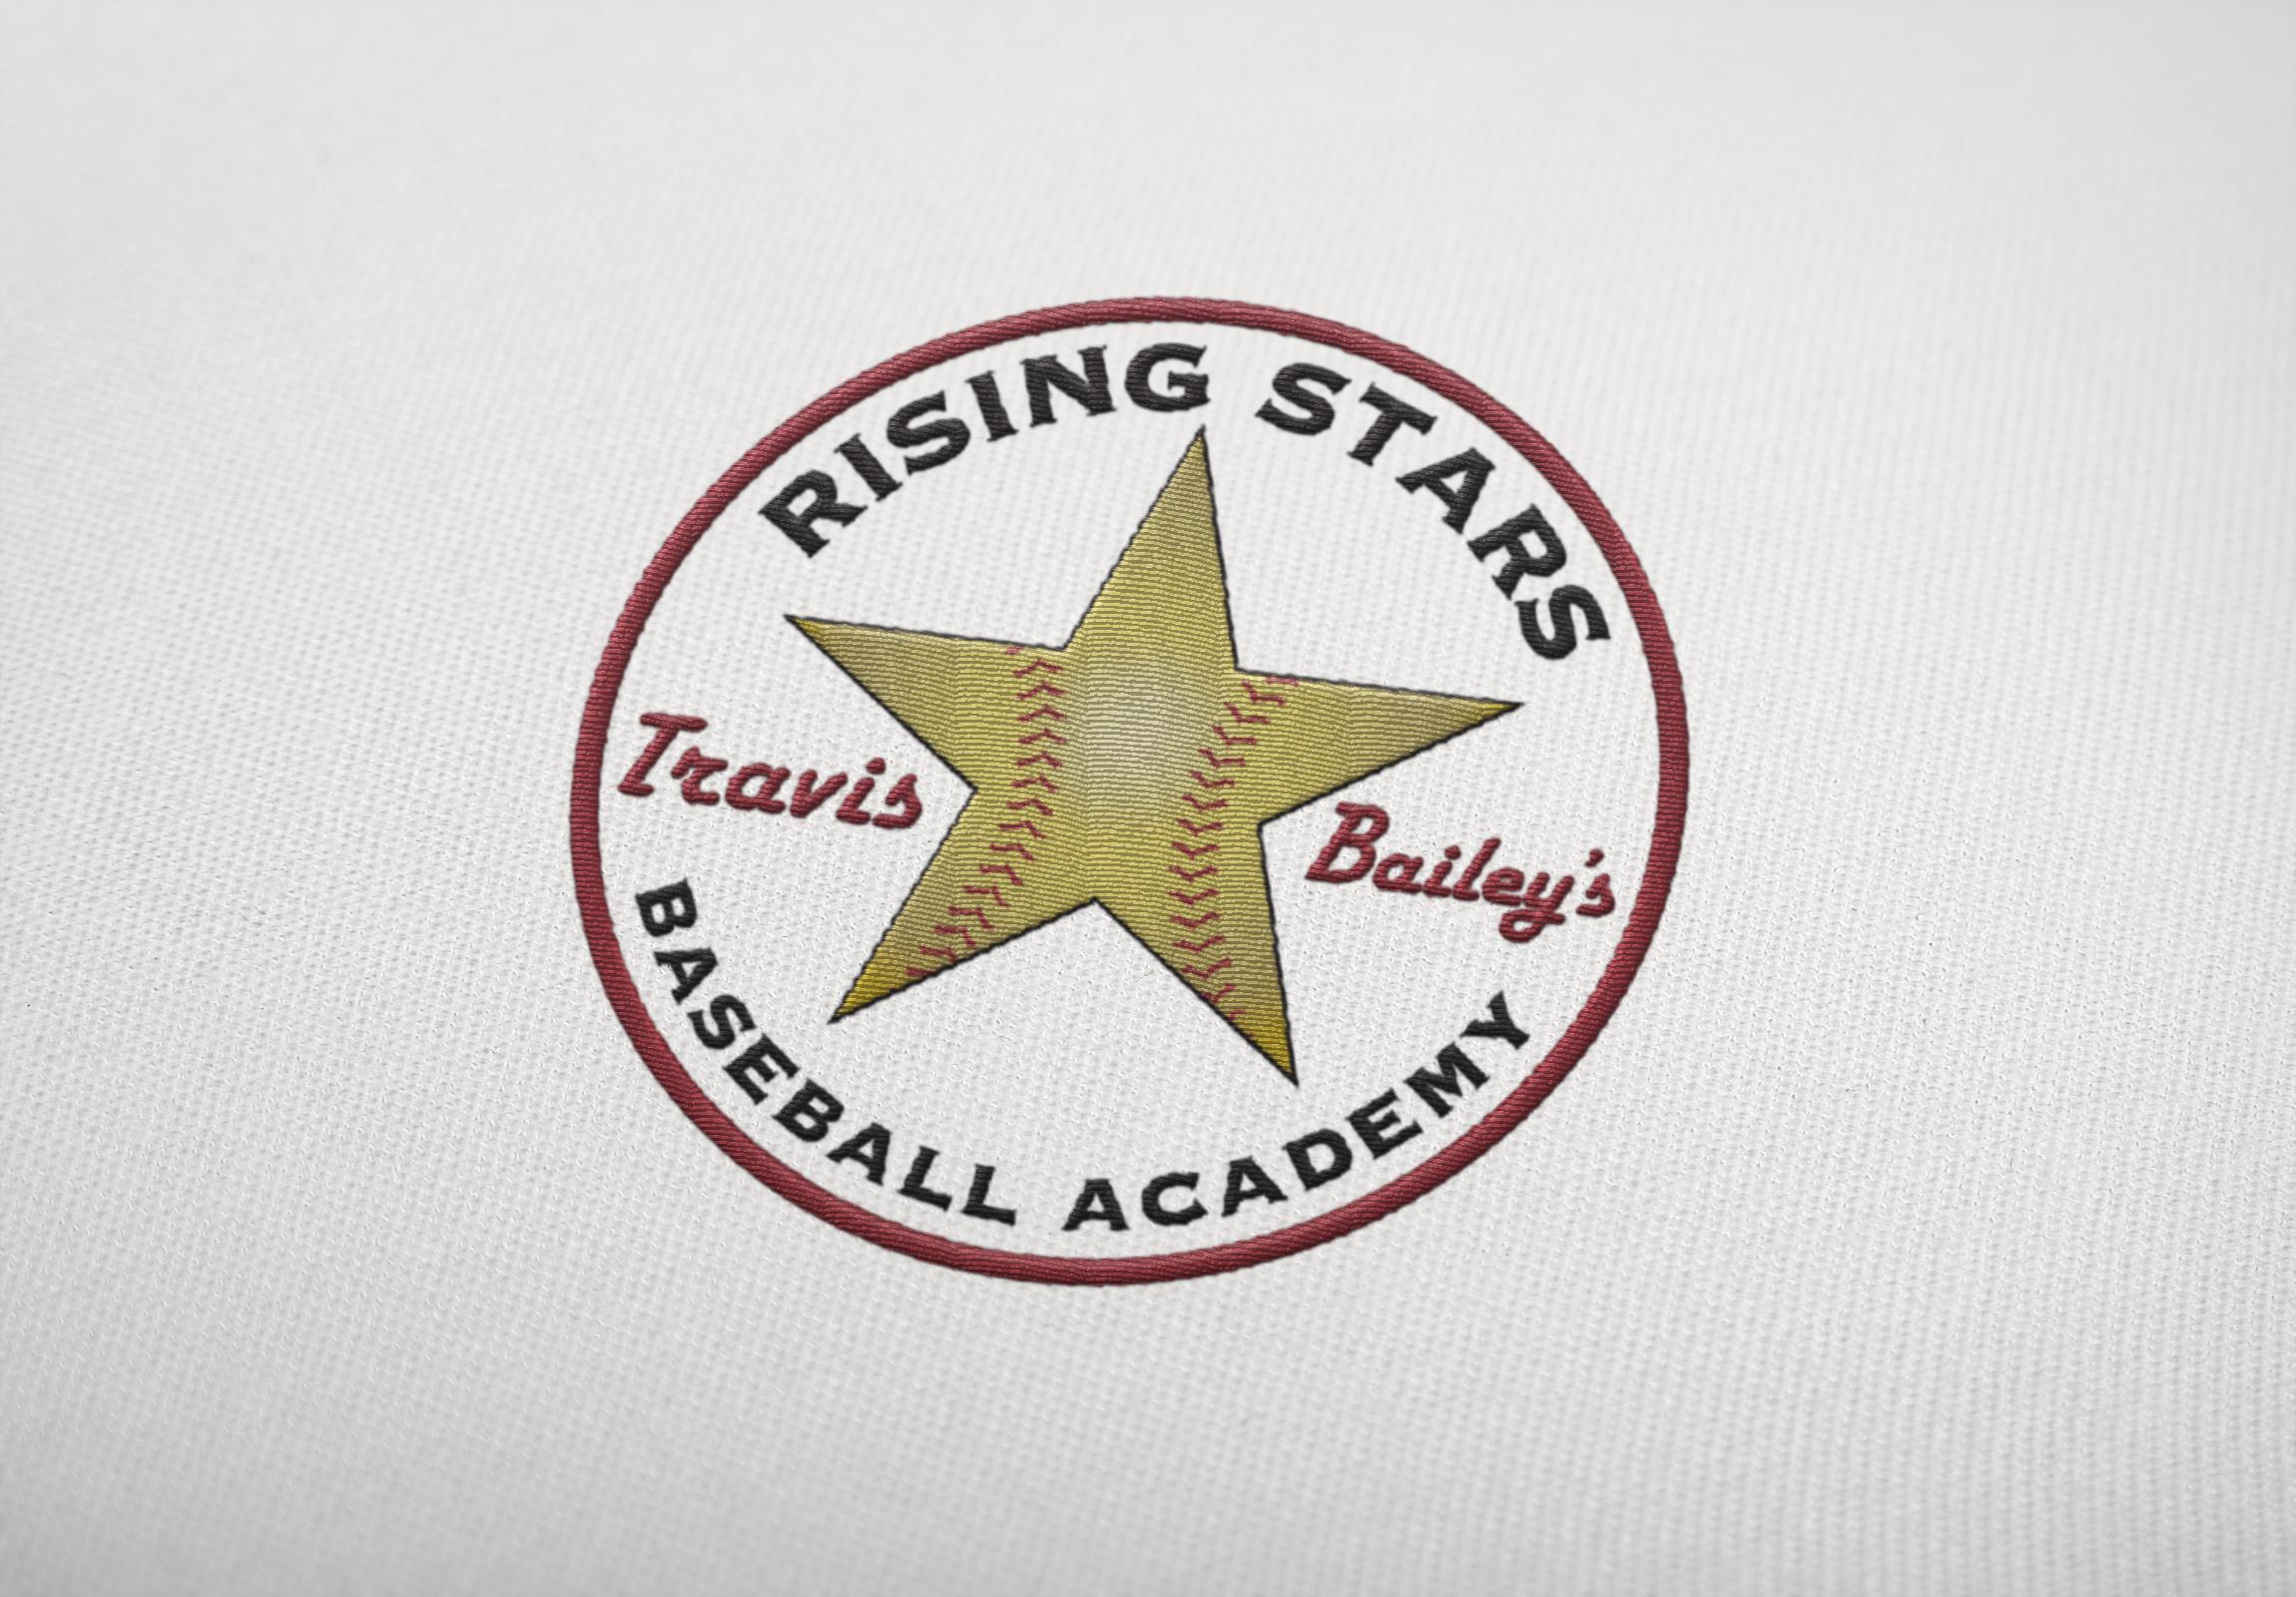 RisingStars2